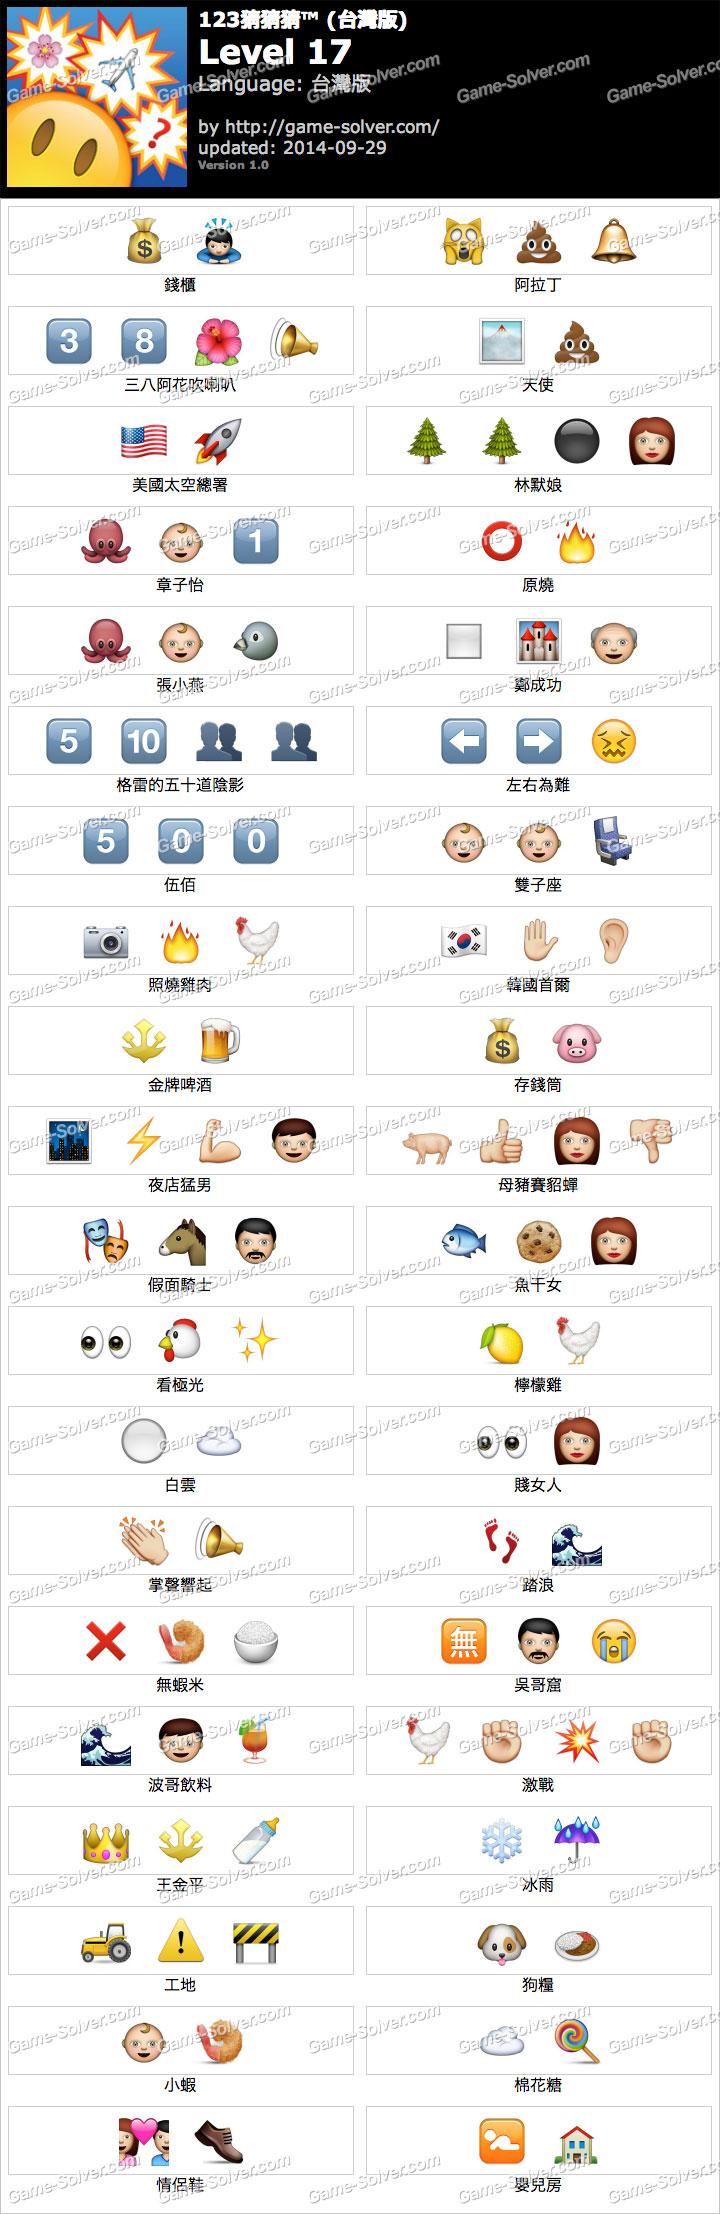 123猜猜猜台灣版答案等級17